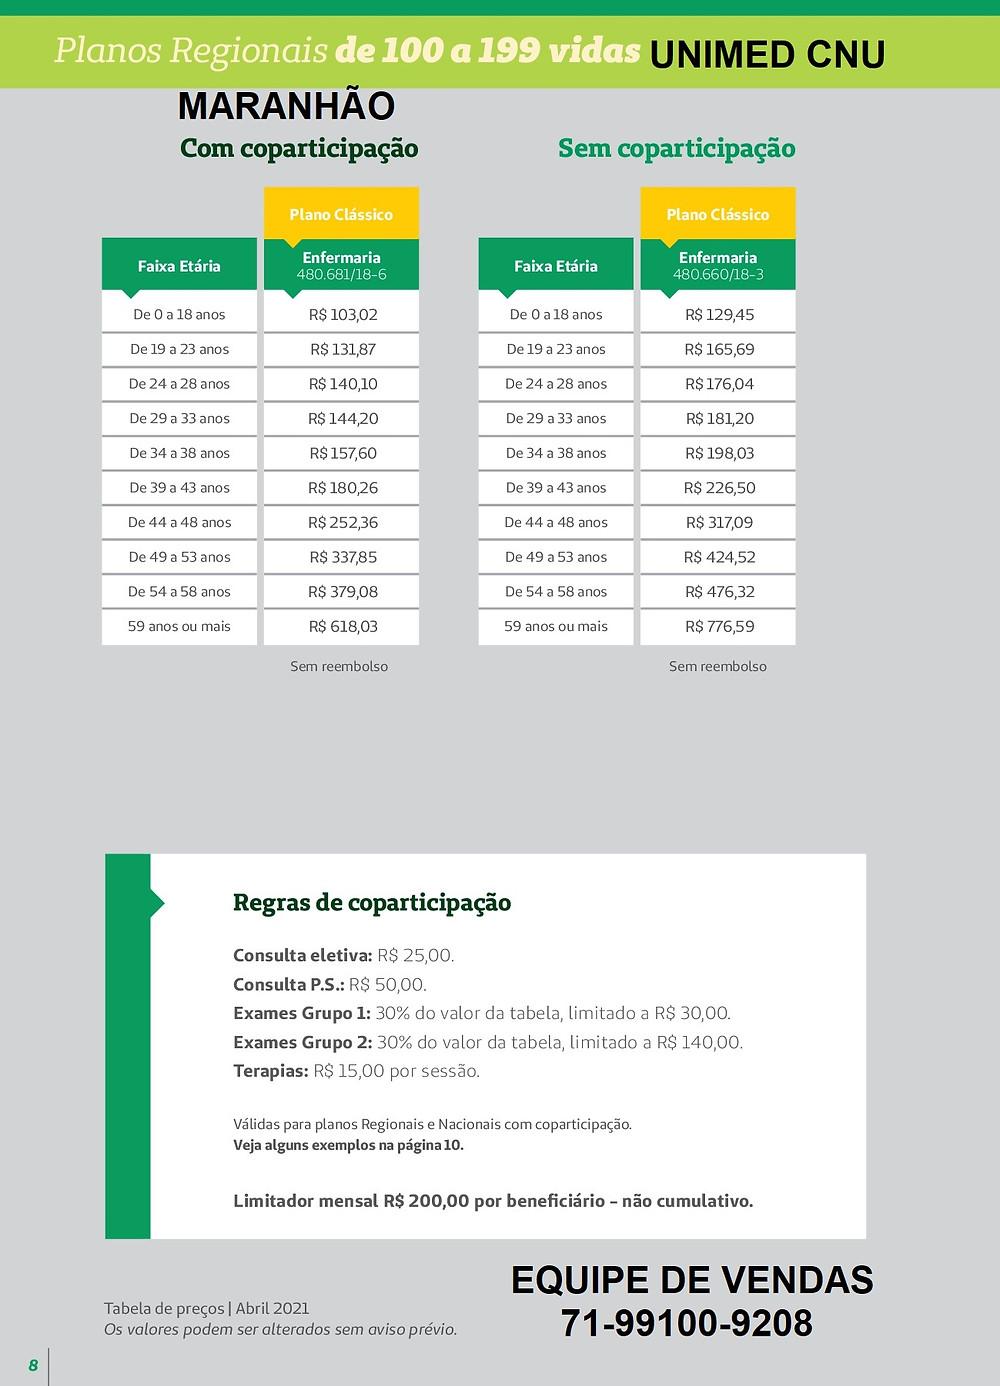 Maranhão - Unimed CNU Empresarial